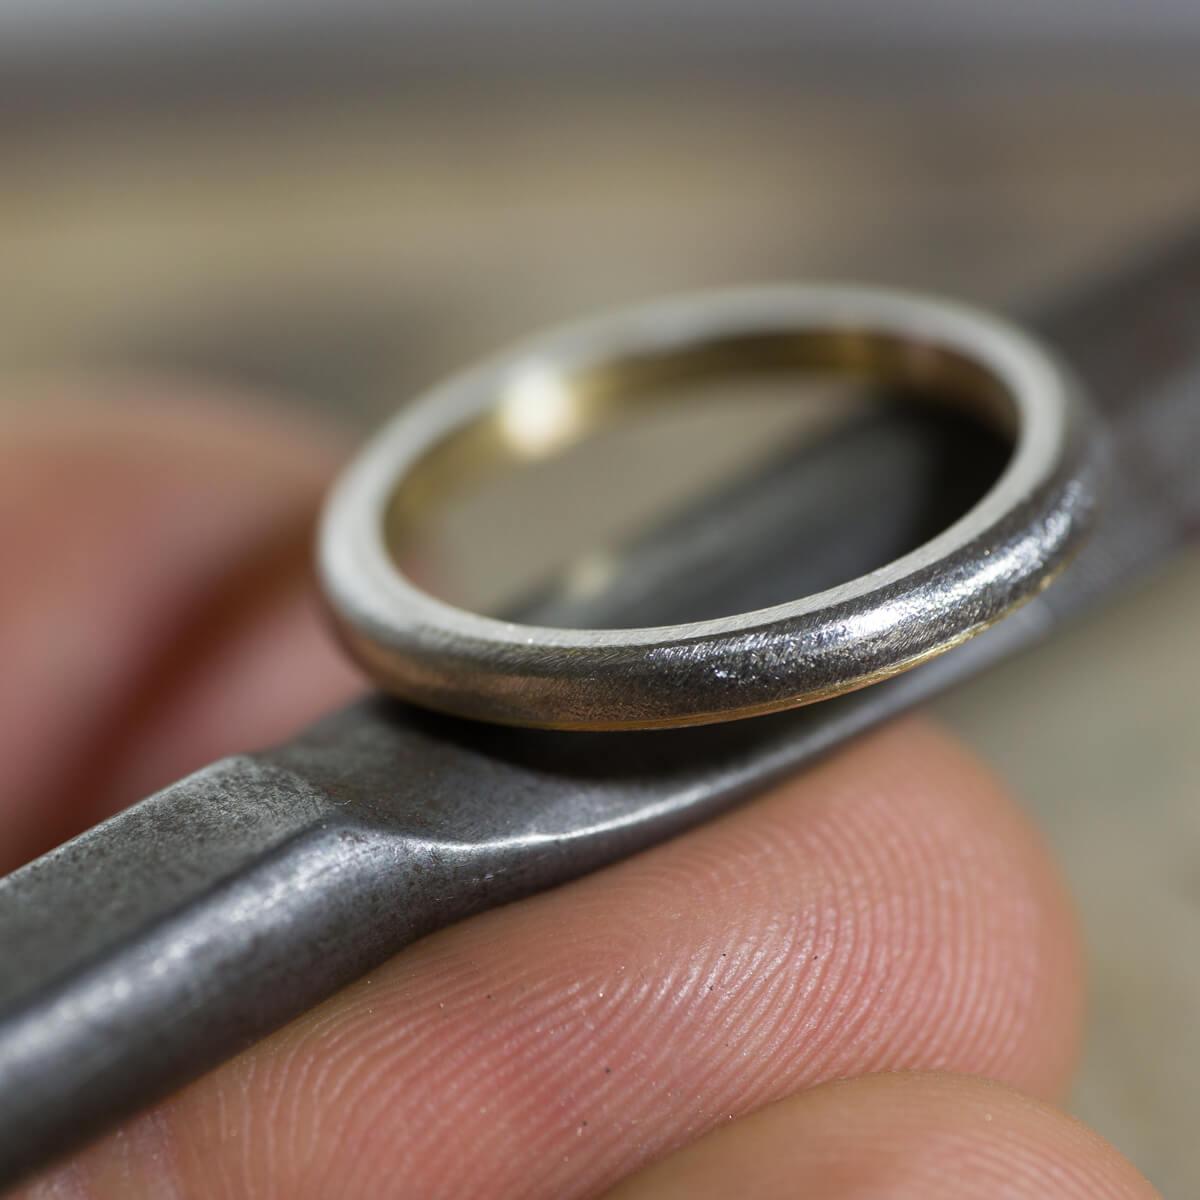 角度2 オーダーメイドマリッジリングの制作風景 ジュエリーのアトリエに指輪 ゴールド、プラチナ 屋久島でつくる結婚指輪